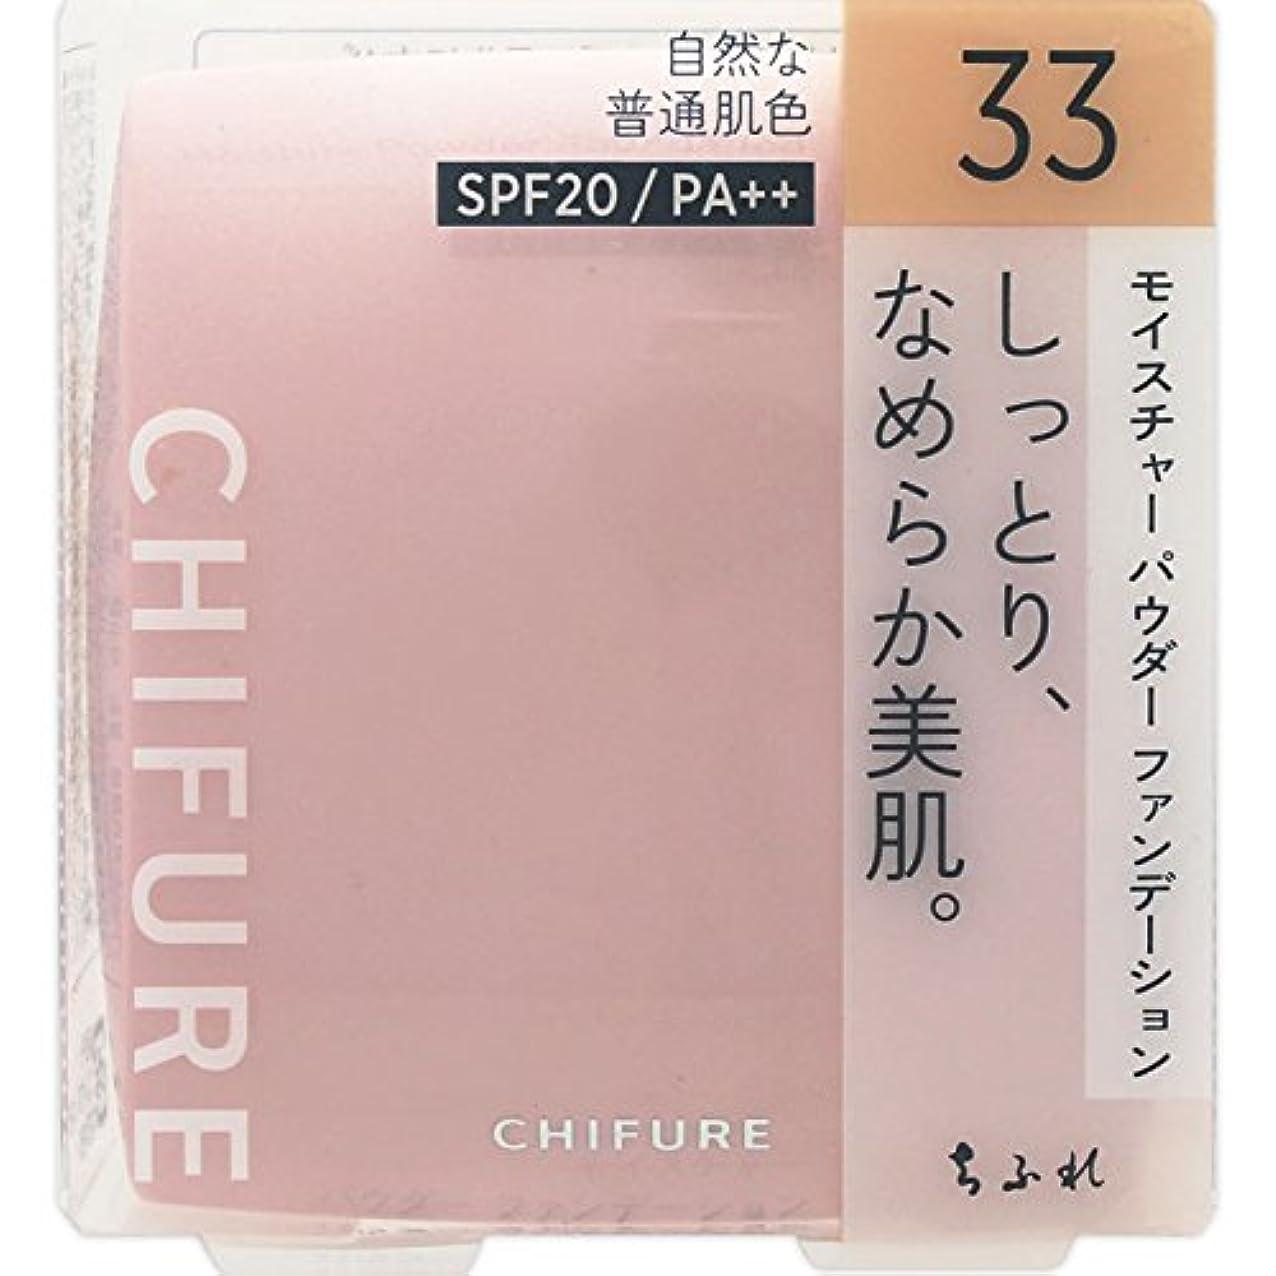 最も早い比喩ベッドちふれ化粧品 モイスチャー パウダーファンデーション(スポンジ入り) 33 オークル系 MパウダーFD33